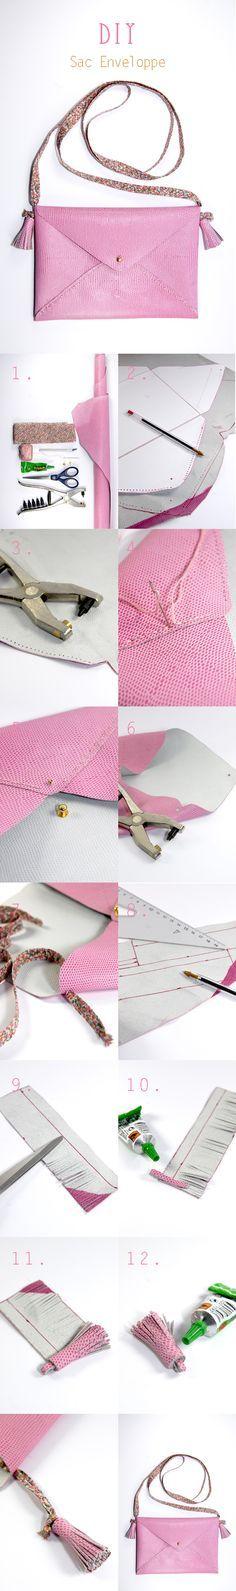 Tutoriel de couture DIY - le sac enveloppe. Tuto pas à pas, en images, gratuit, en français, Dans Mon Bocal blog. Super pour le printemps !